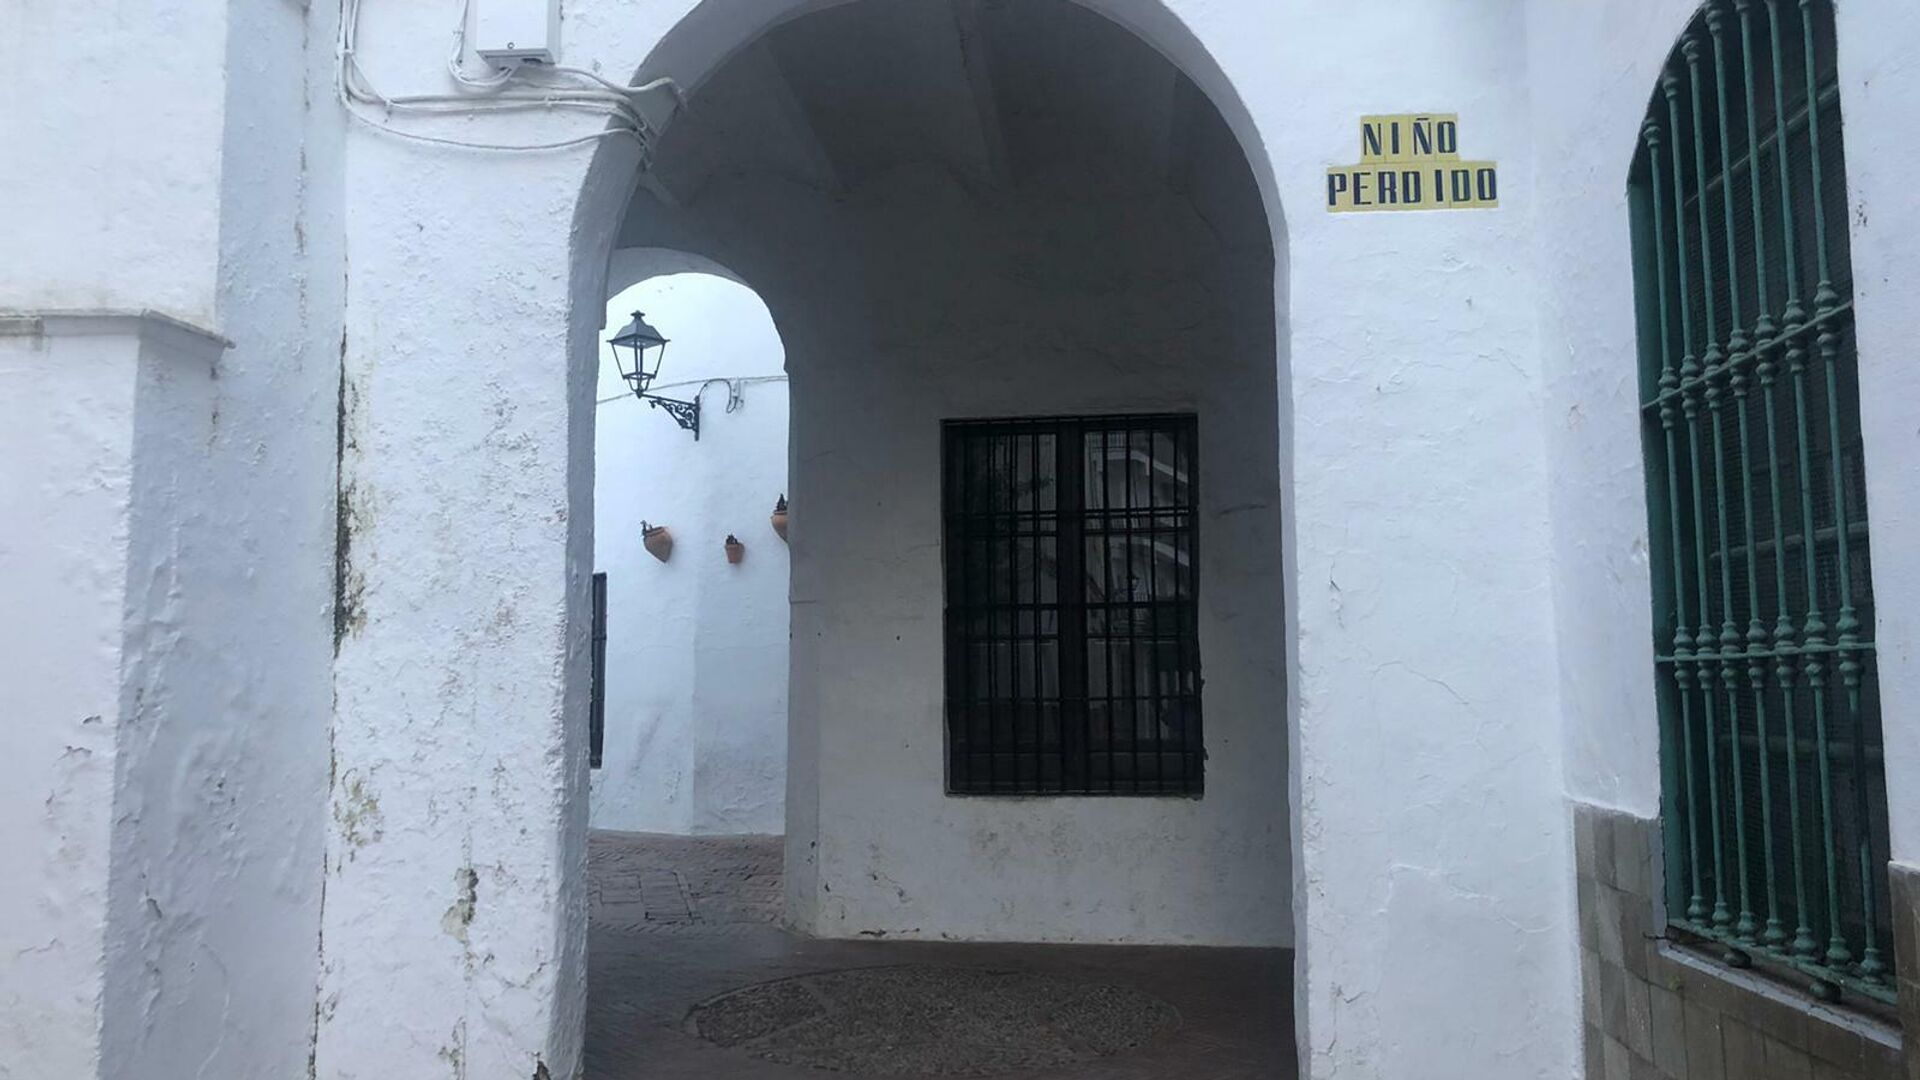 La calle en la que se encuentra el bar de copas Niño Perdido - Sputnik Mundo, 1920, 07.03.2021